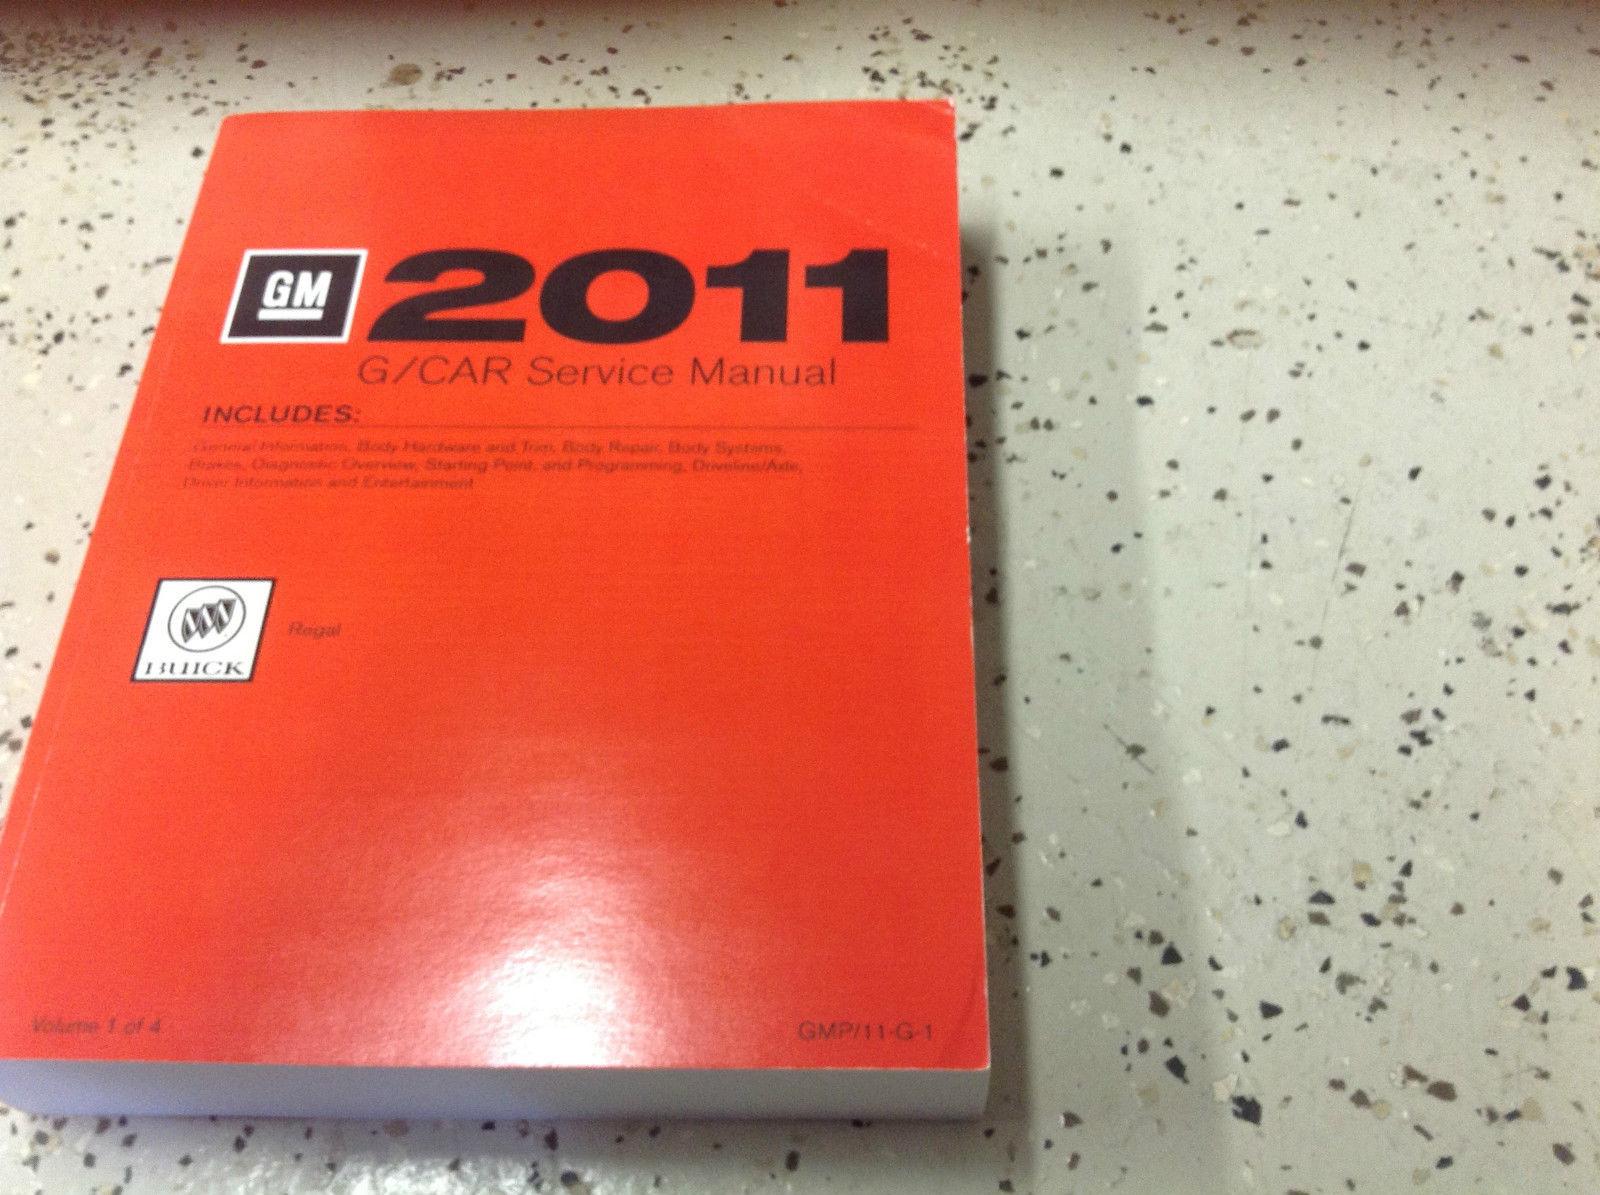 2011 buick regal service shop repair manual and similar items rh bonanza com 2011 buick regal owners manual 2011 buick regal cxl repair manual